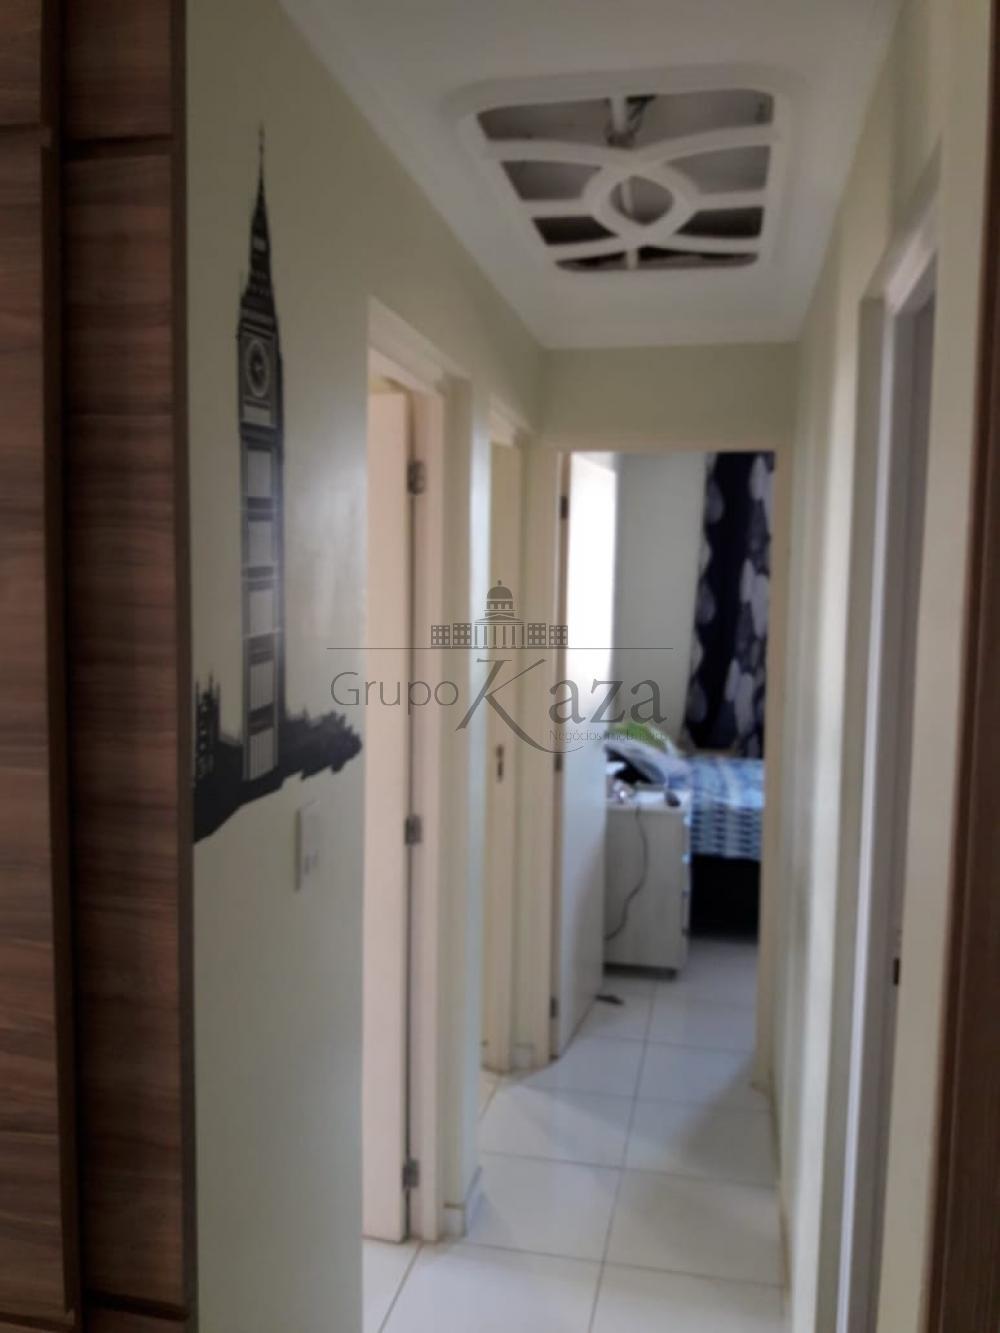 alt='Comprar Apartamento / Padrão em São José dos Campos R$ 435.000,00 - Foto 7' title='Comprar Apartamento / Padrão em São José dos Campos R$ 435.000,00 - Foto 7'